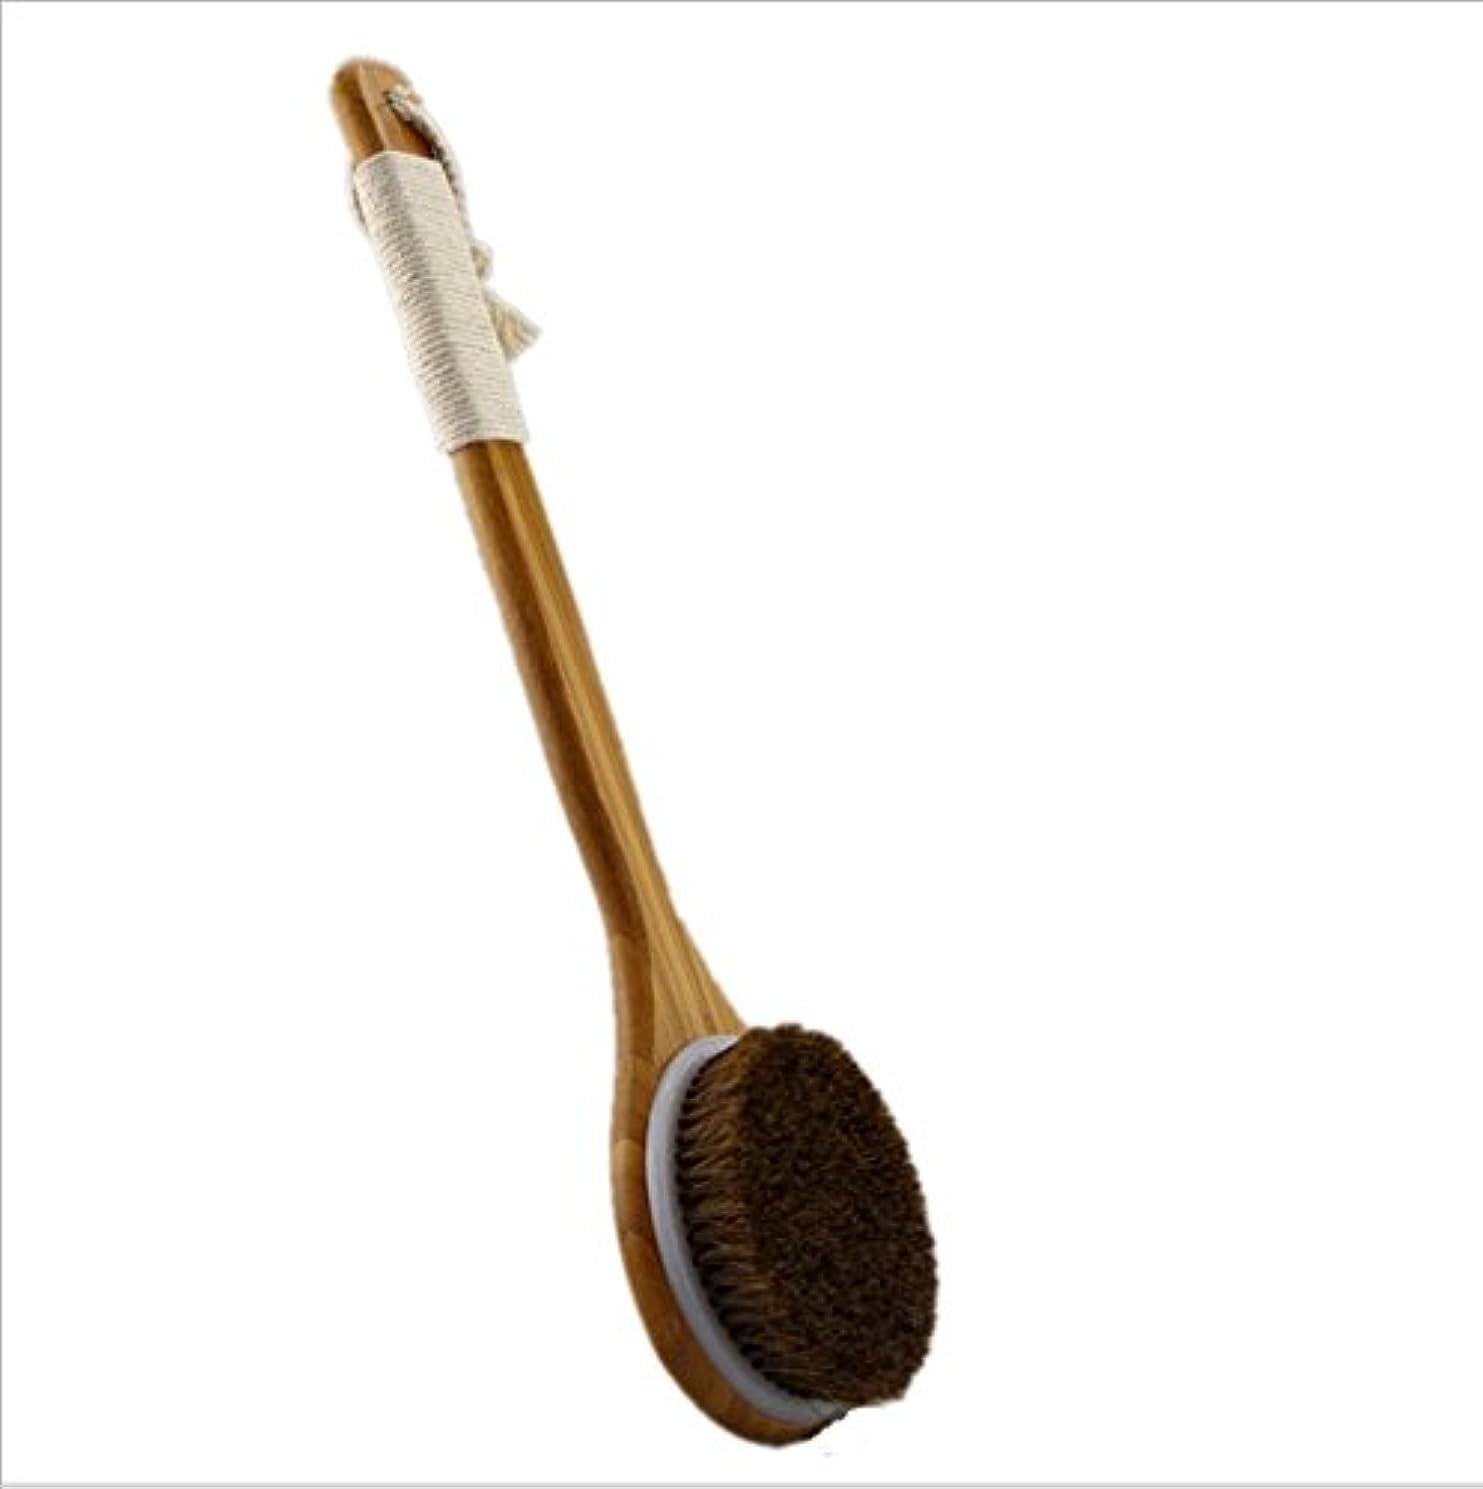 分布対立堂々たるBigmind 100%天然高級な馬毛ボディブラシ あかすり 竹製長柄 体洗い/背中ブラシ お風呂